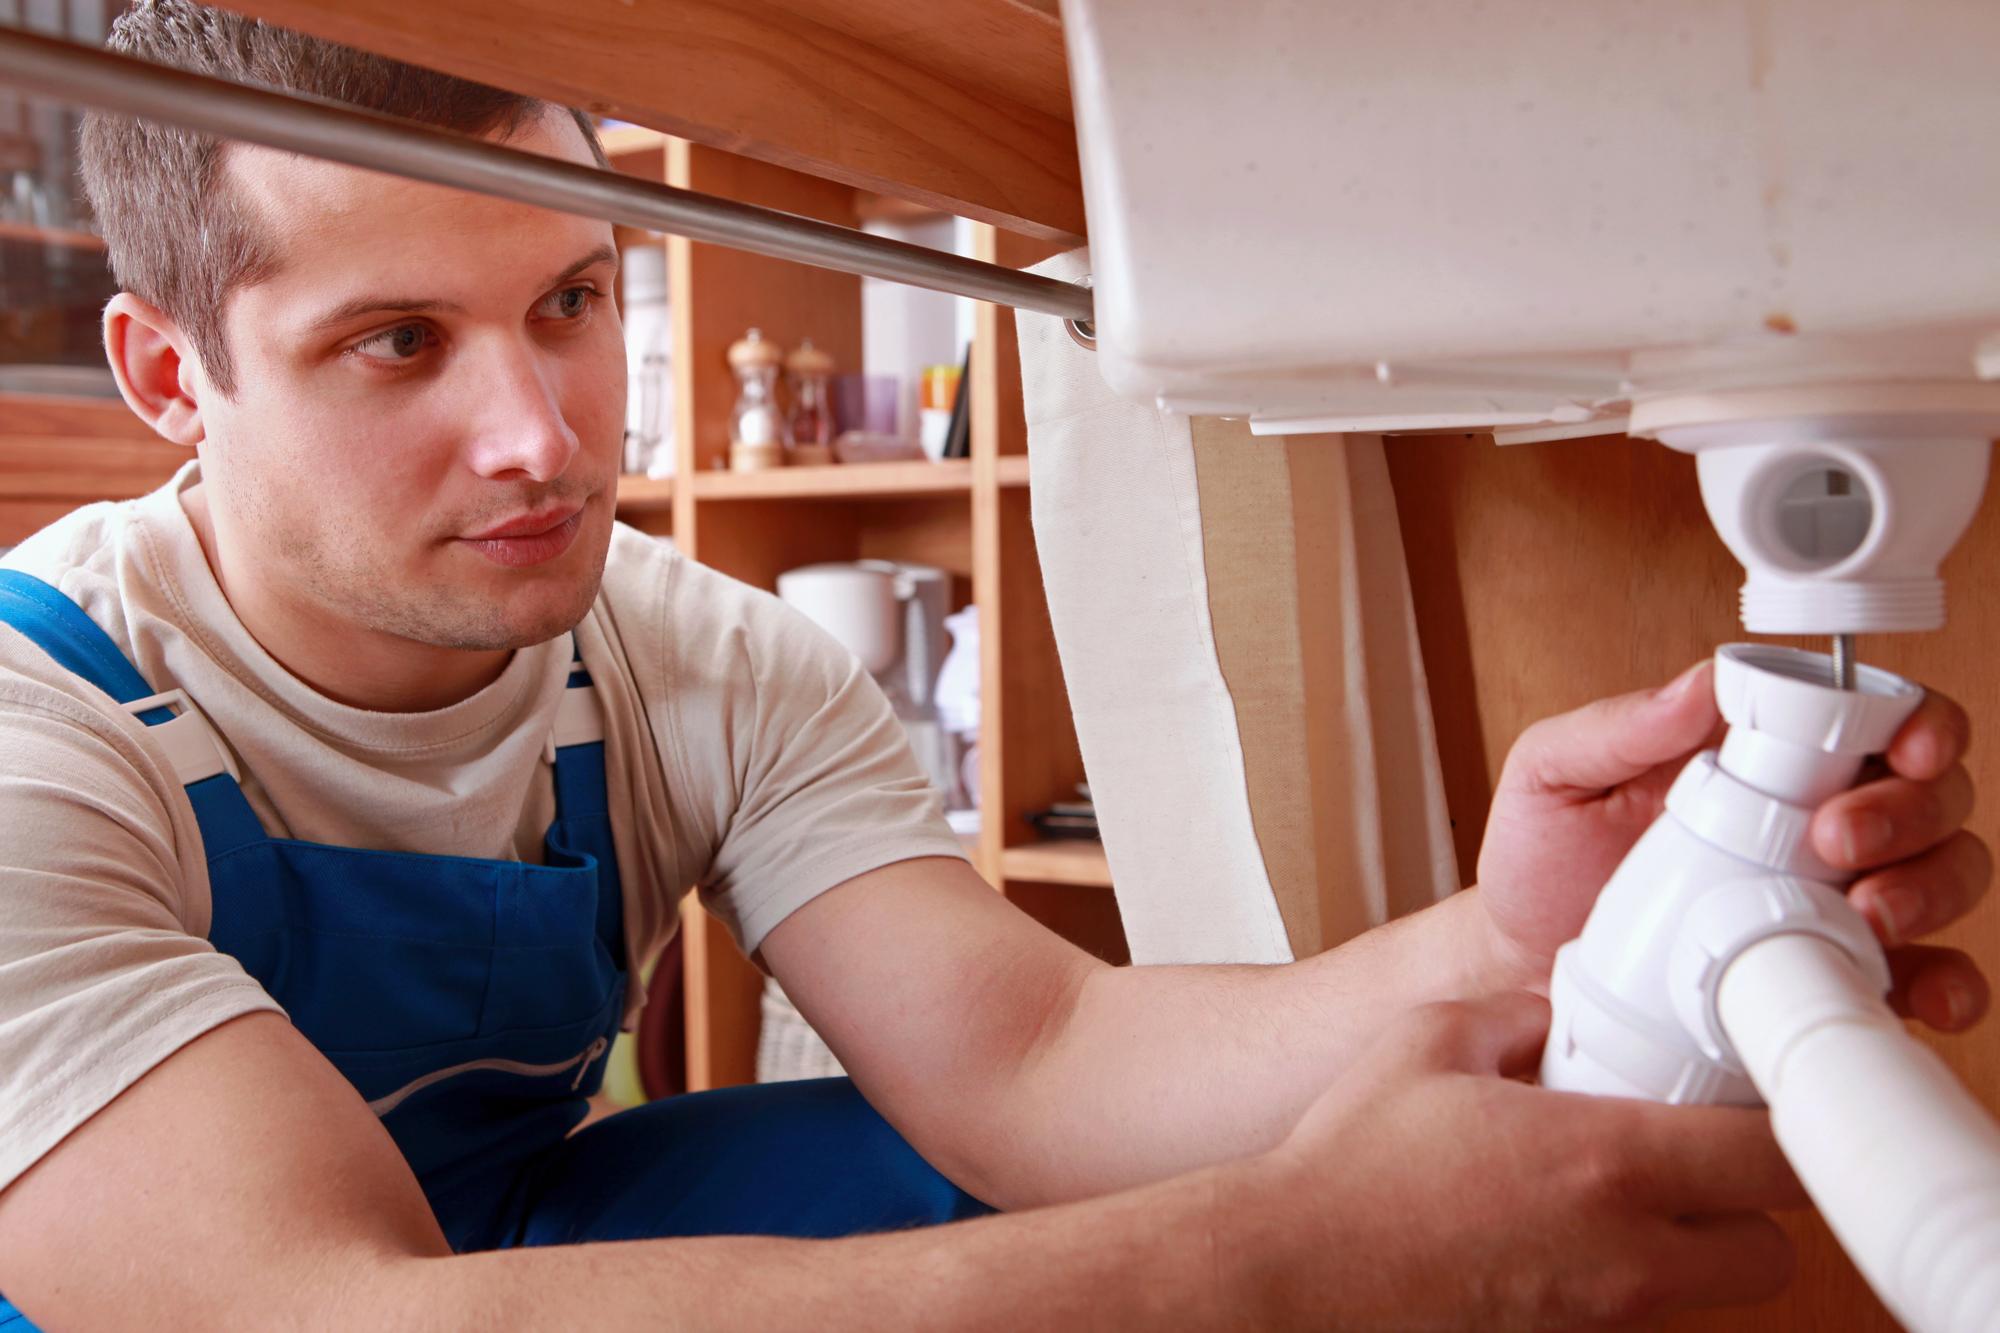 plumber-sink-fixing